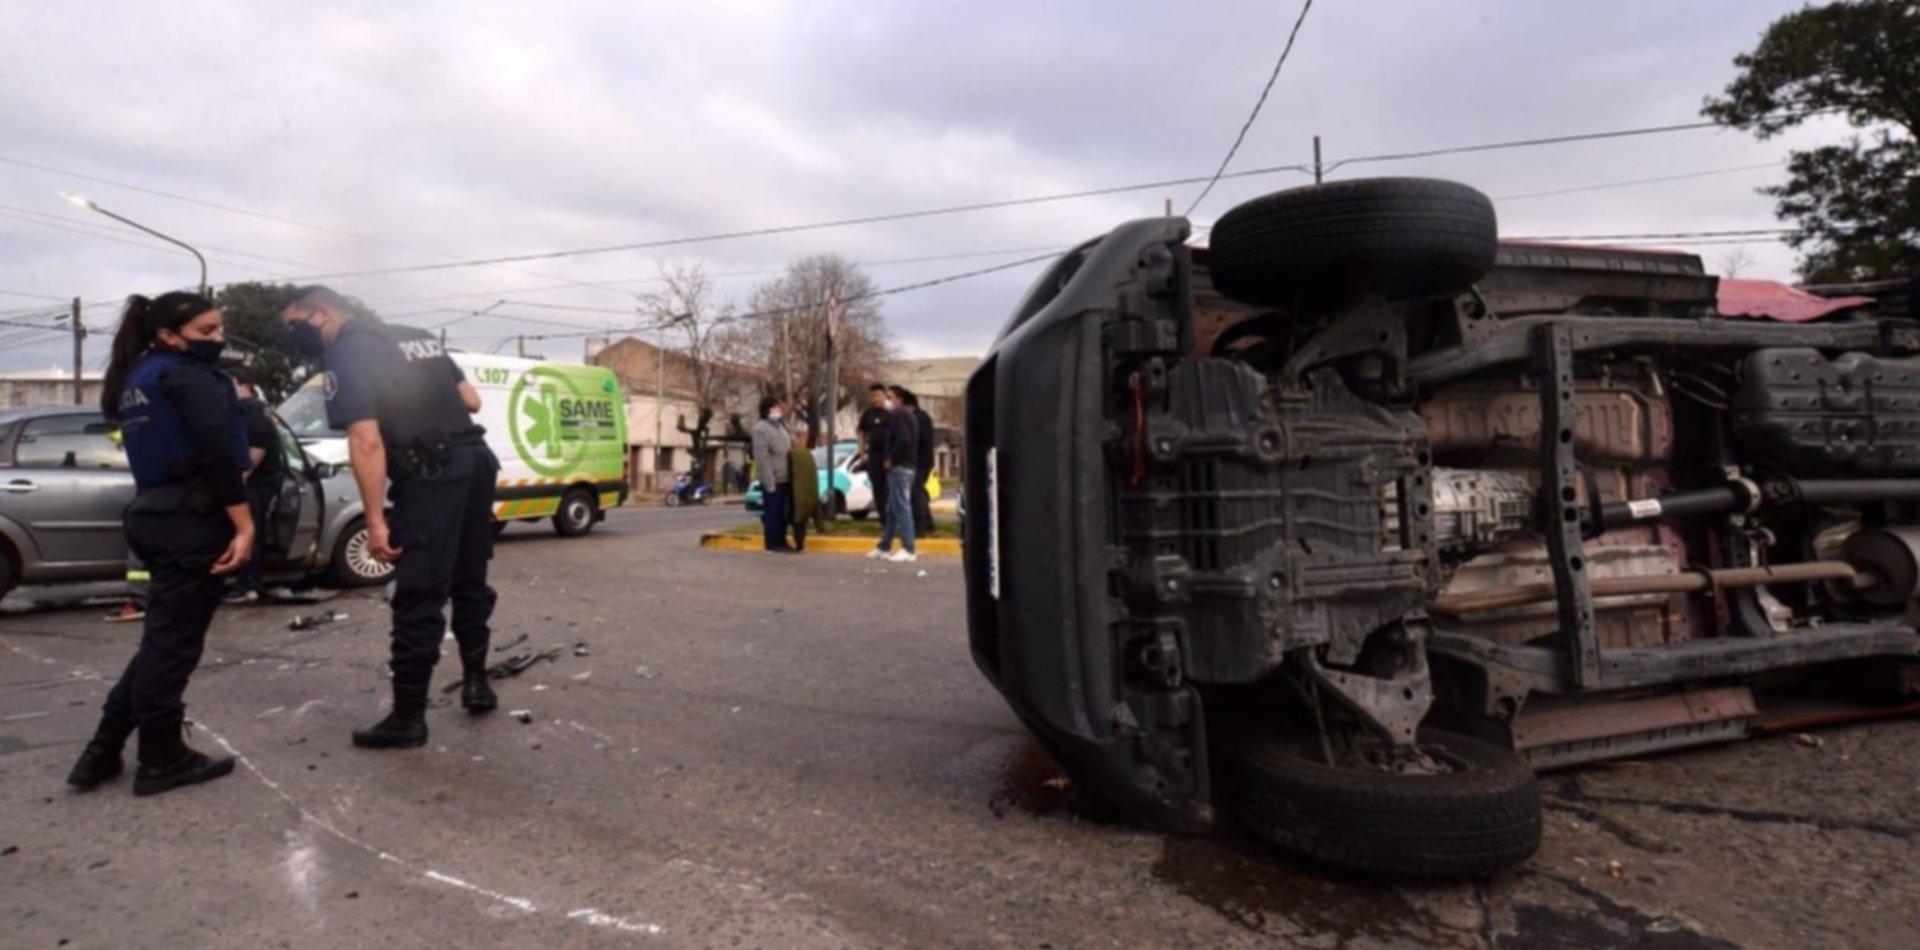 Impactante accidente de tránsito con vuelco incluido en La Plata